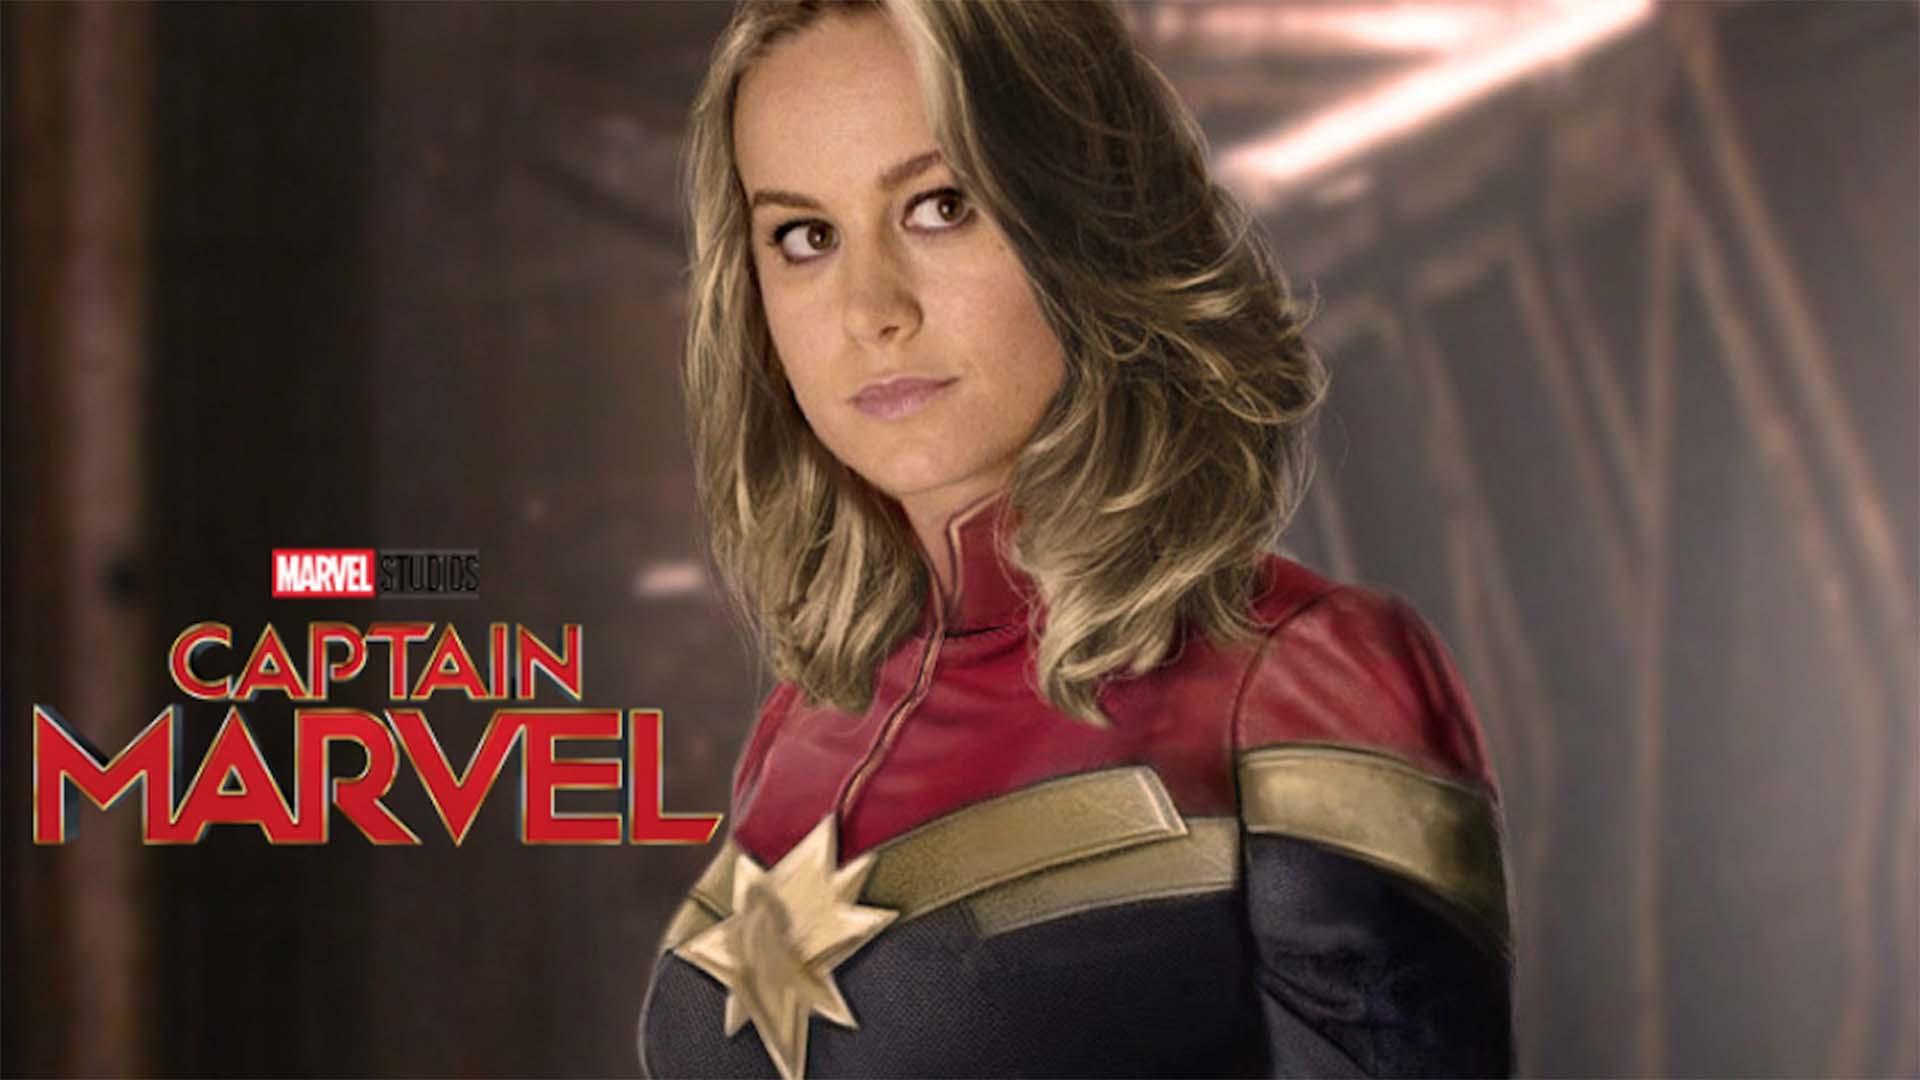 brie larson captain marvel avengers hd wallpaper